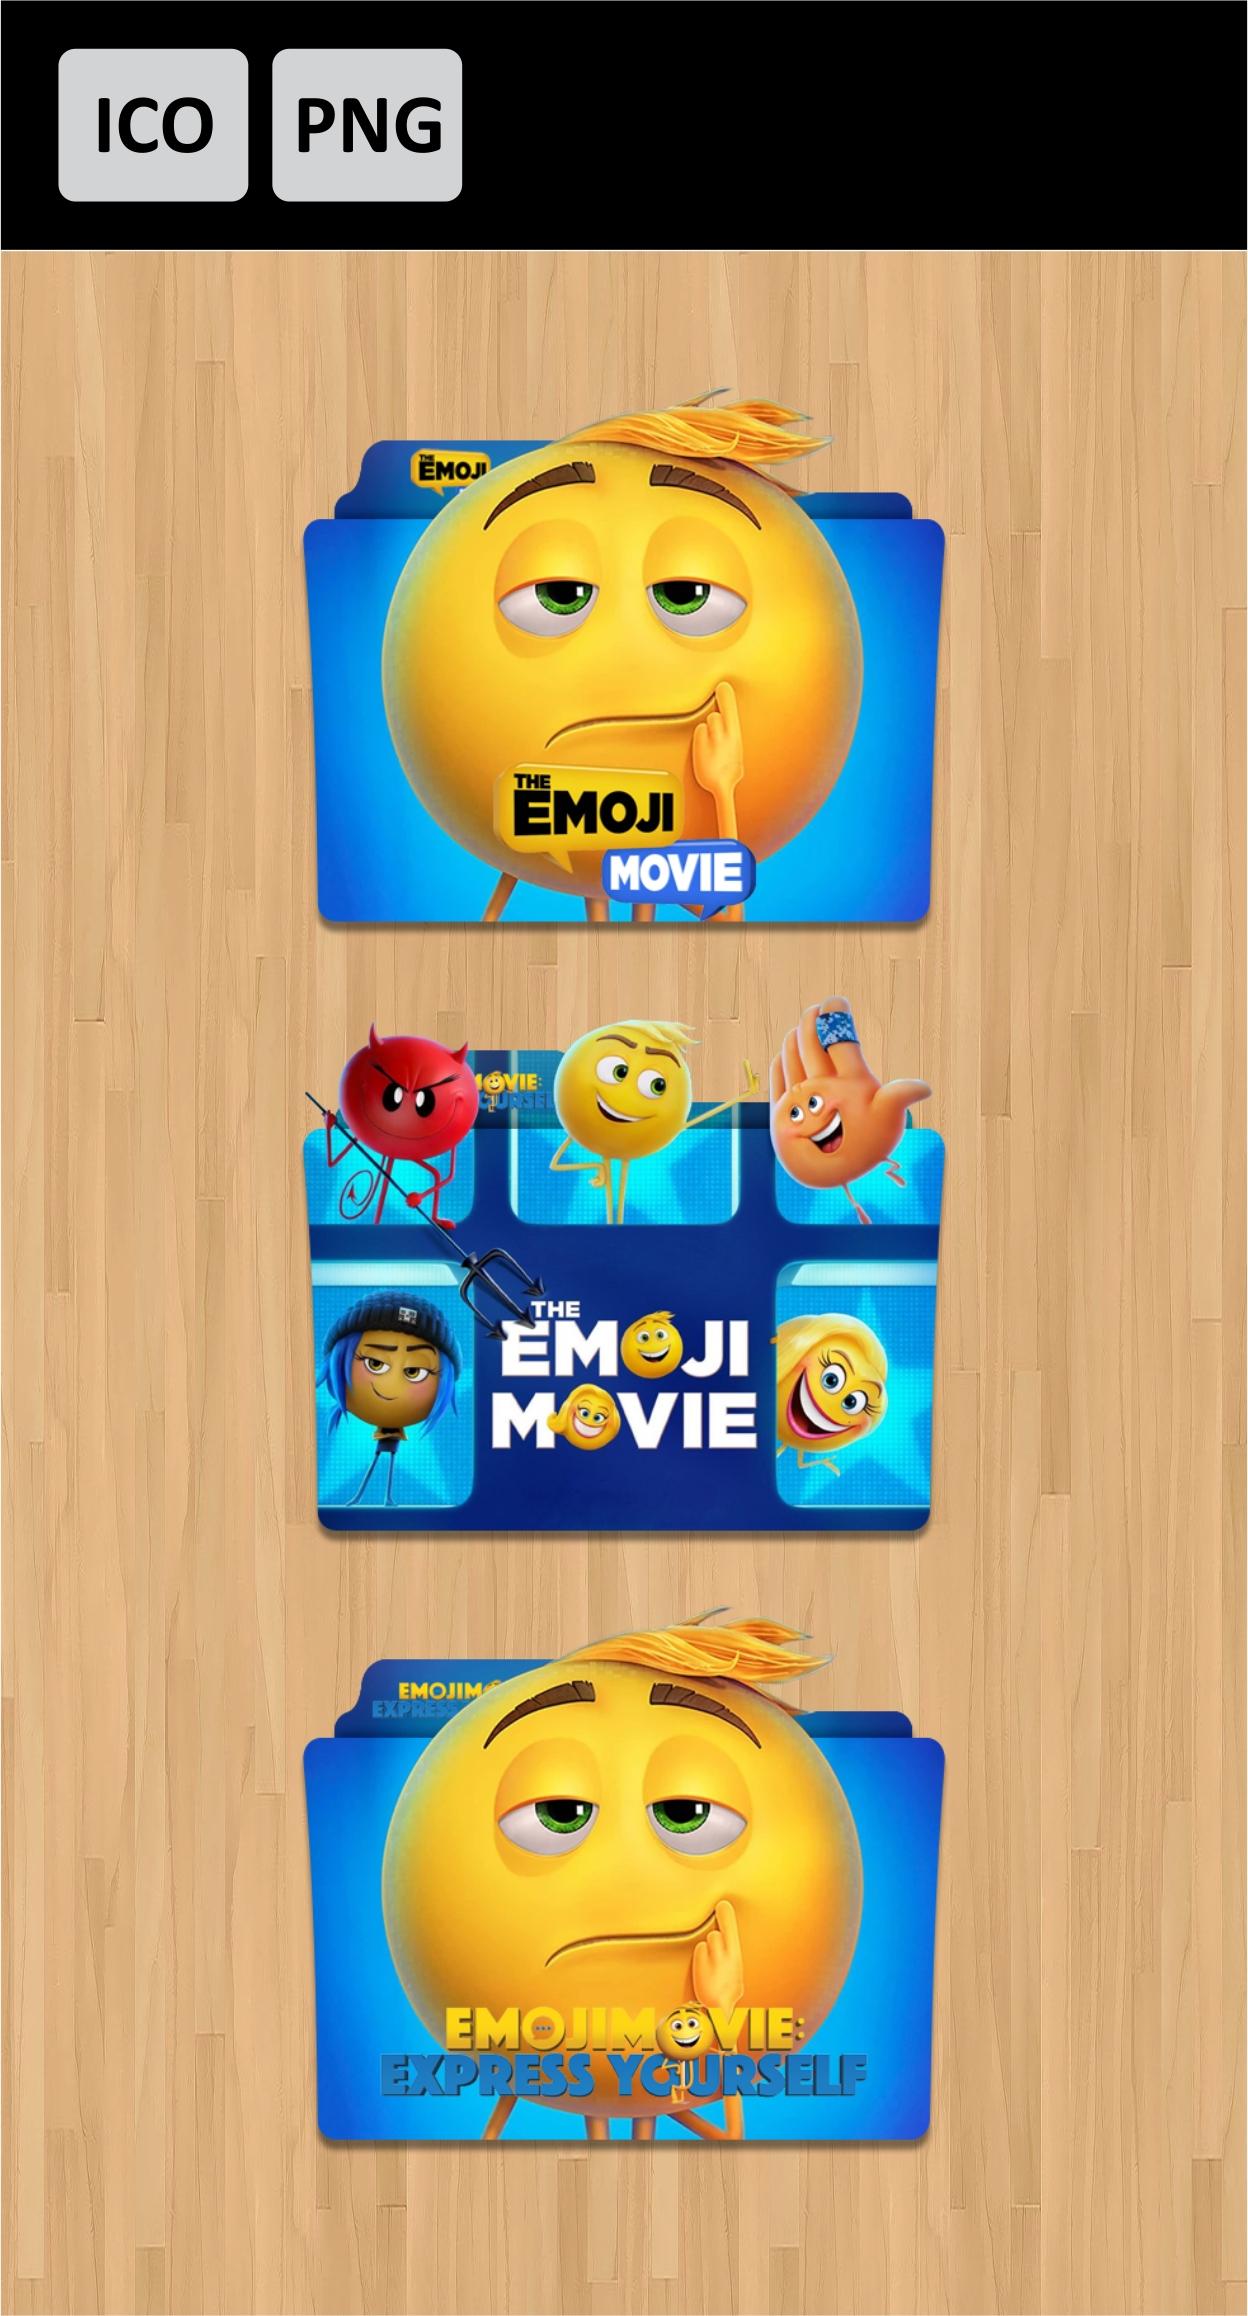 The Emoji Movie 2017 Folder Icon Pack By Dianzpurba On Deviantart